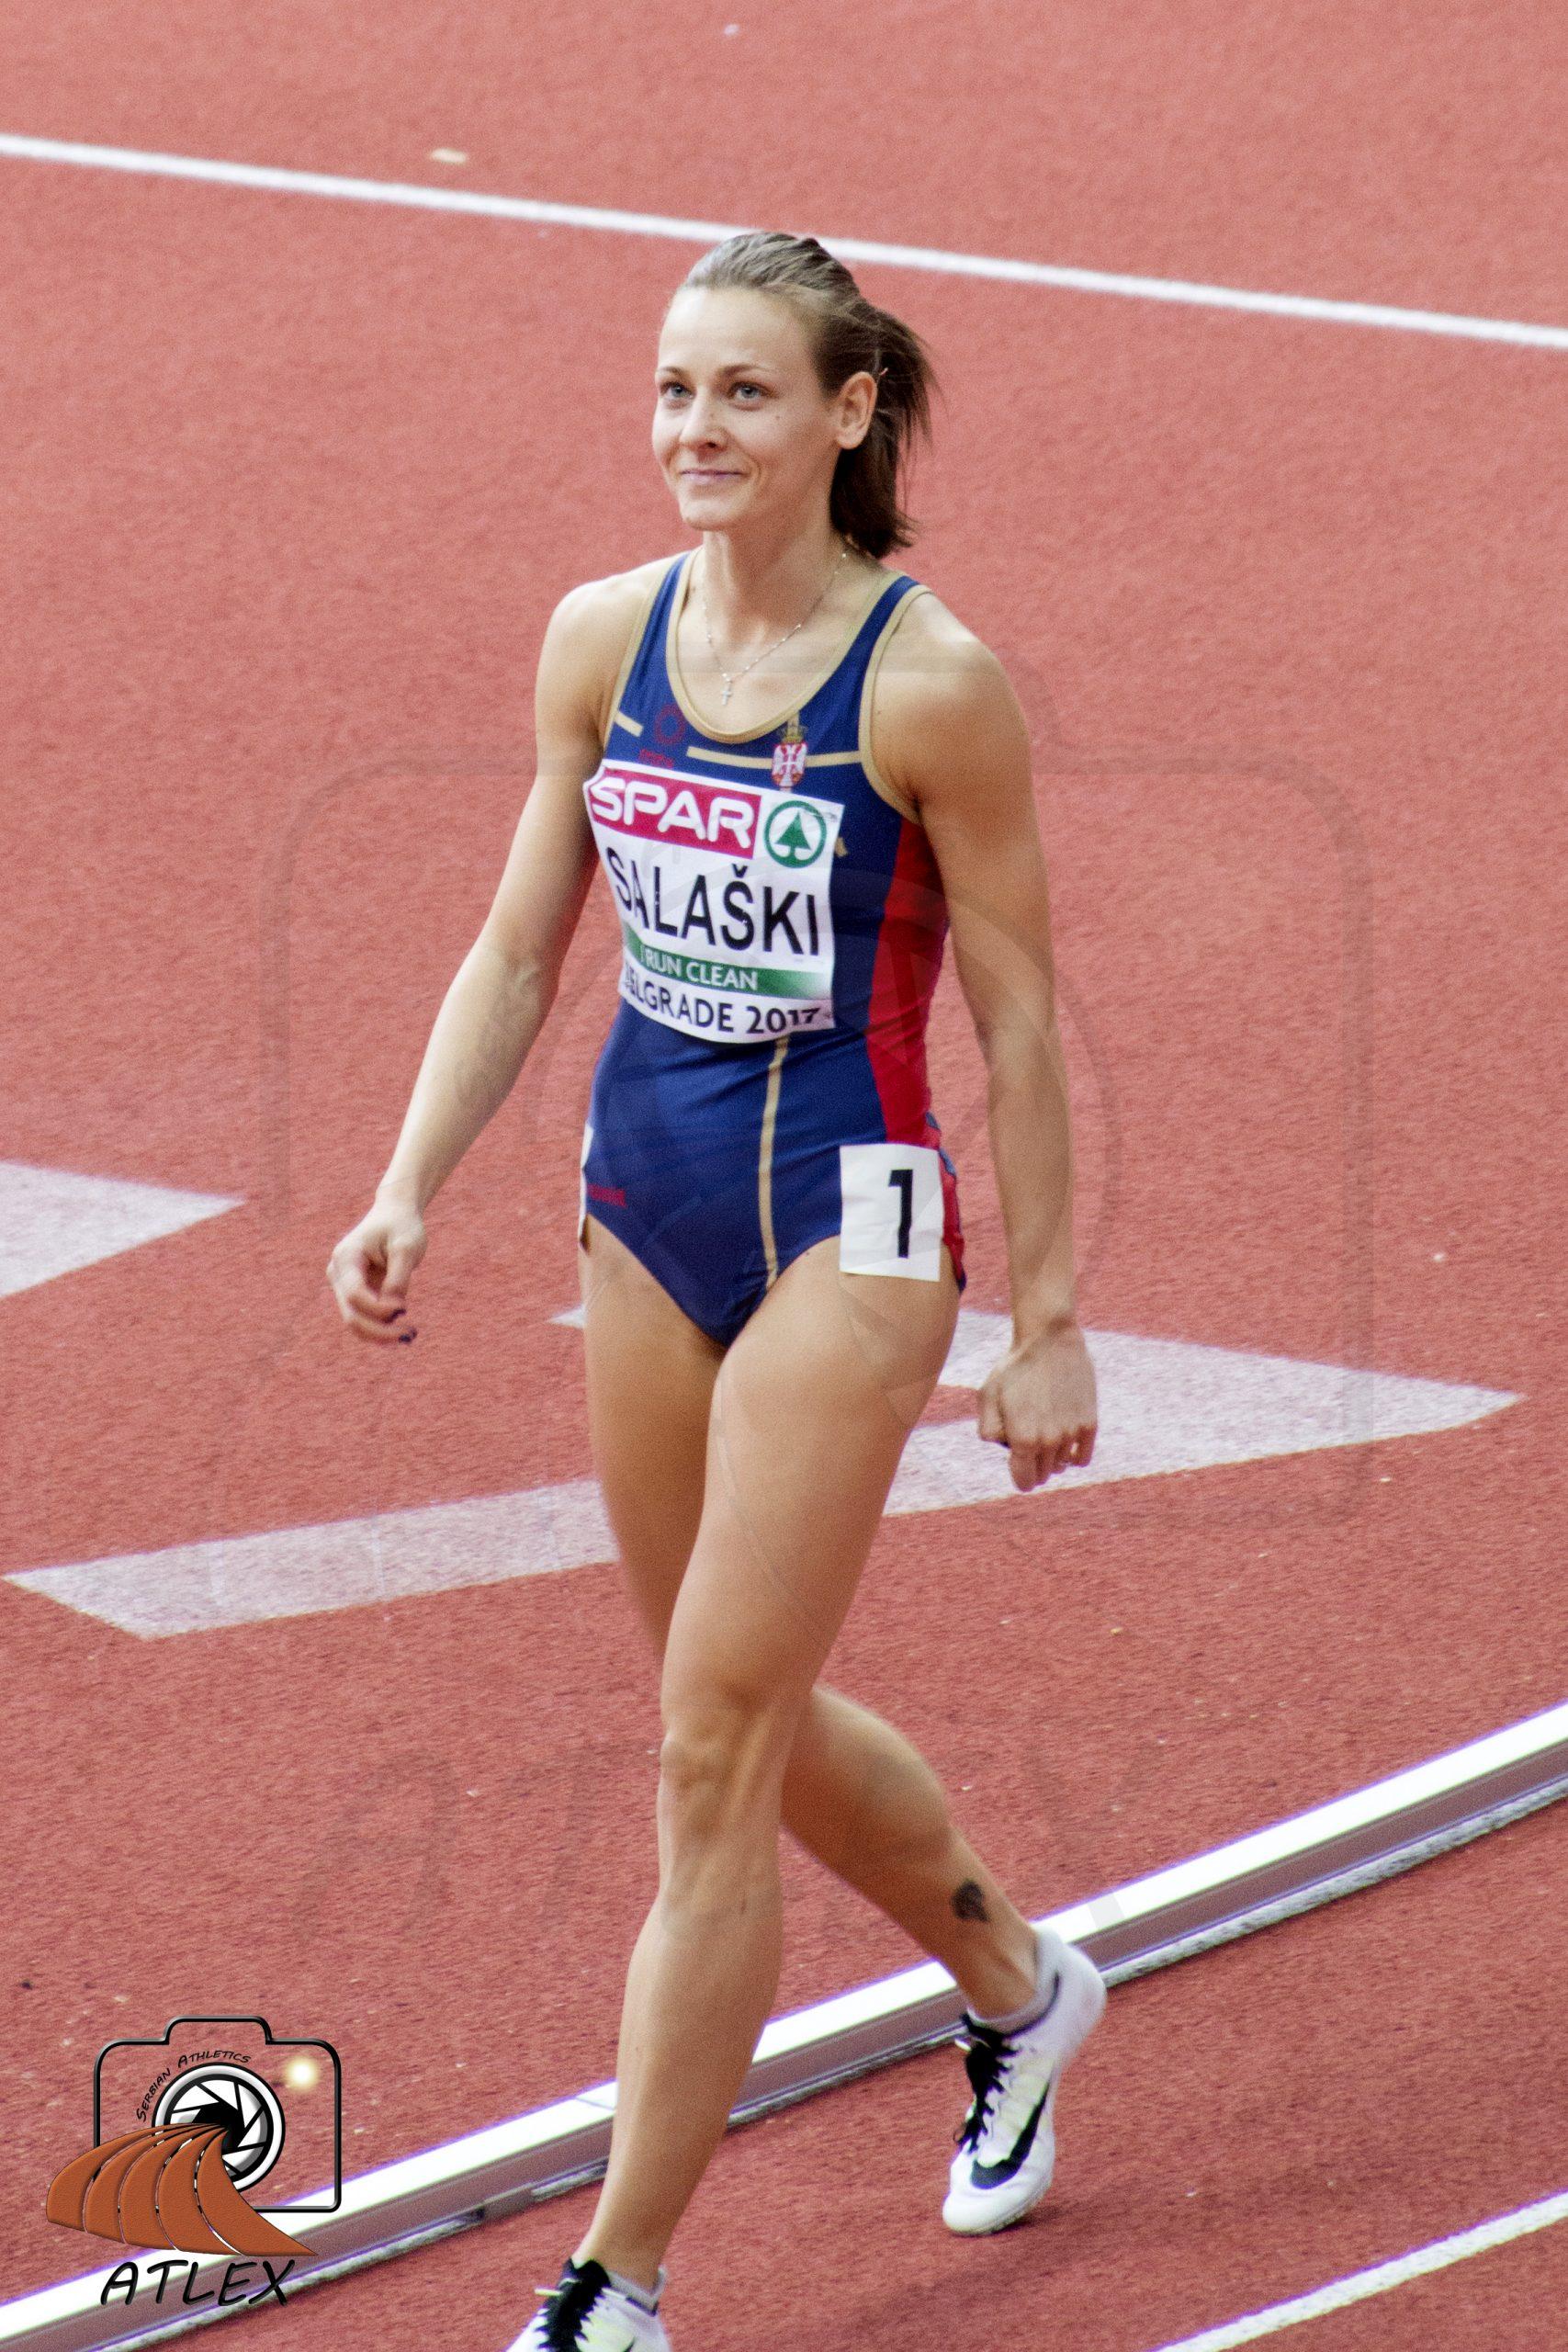 Tamara Salaški, dvoransko Evropsko prvenstvo, Beograd 2017